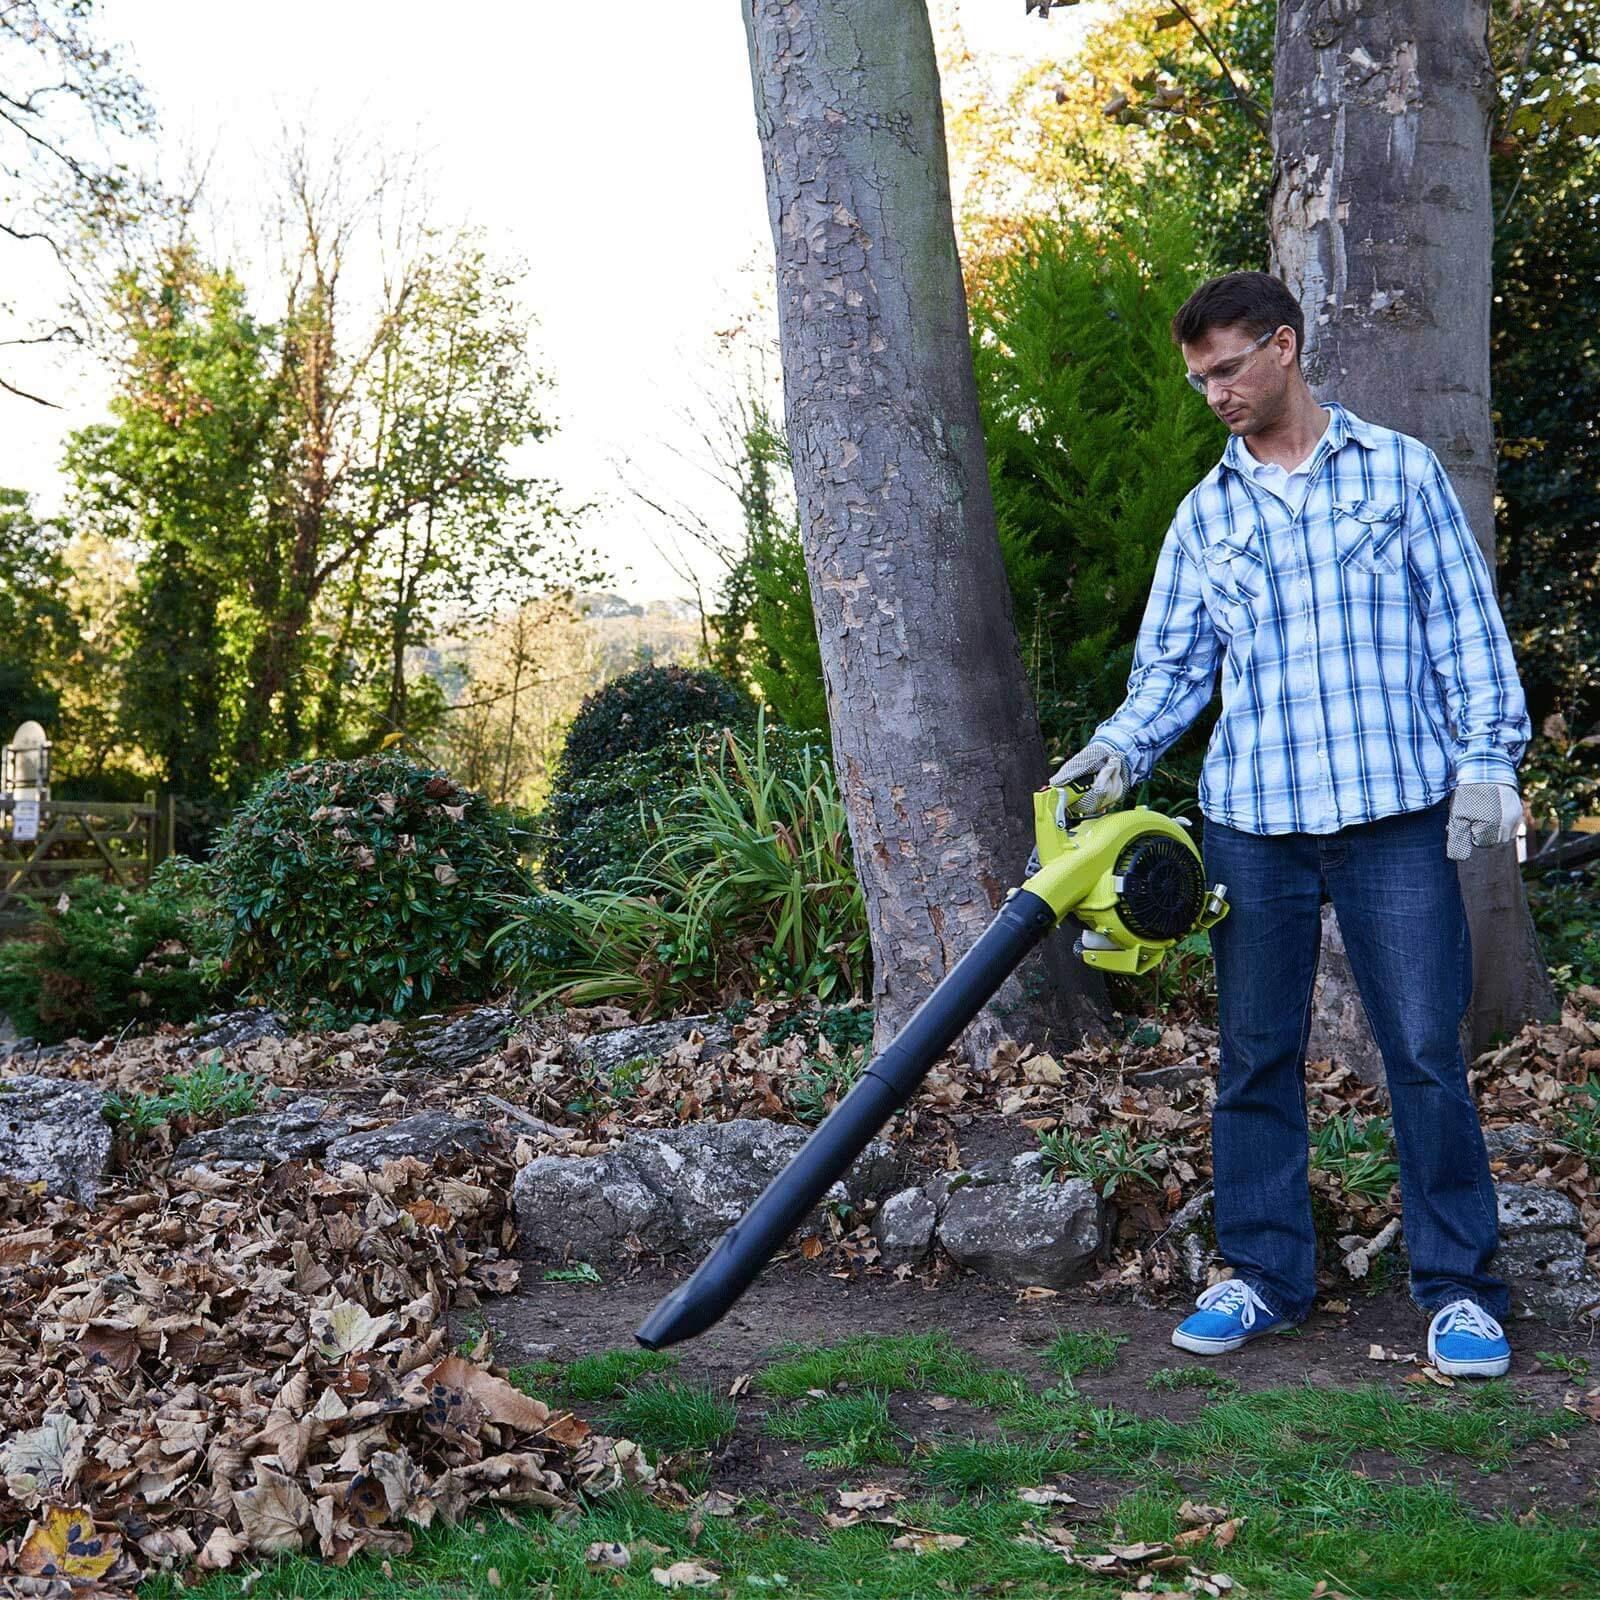 Ryobi RBV26B Petrol Garden Vacuum and Leaf Blower   Leaf